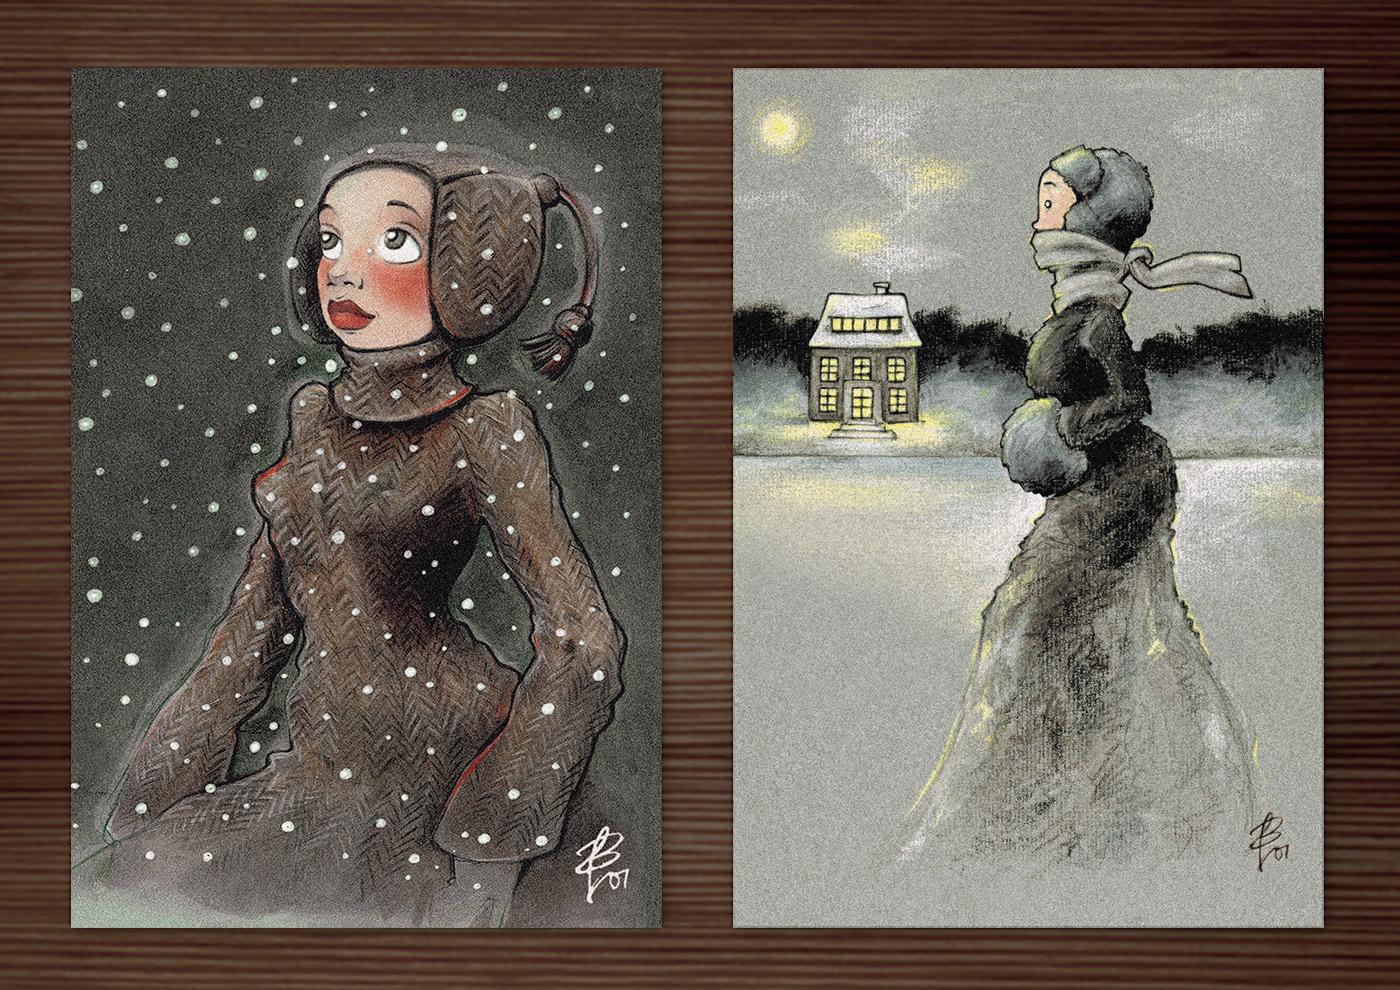 Postkarten mit Zeichnungen von einem Mädchen beim Eislaufen mit Schlittschuhen auf einem winterlichen See in Ölkreide und von einem Mädchen, das voller Staunen das Wunder des ersten Schnees im Winter betrachtet, in Markertechnik, von Iris Luckhaus